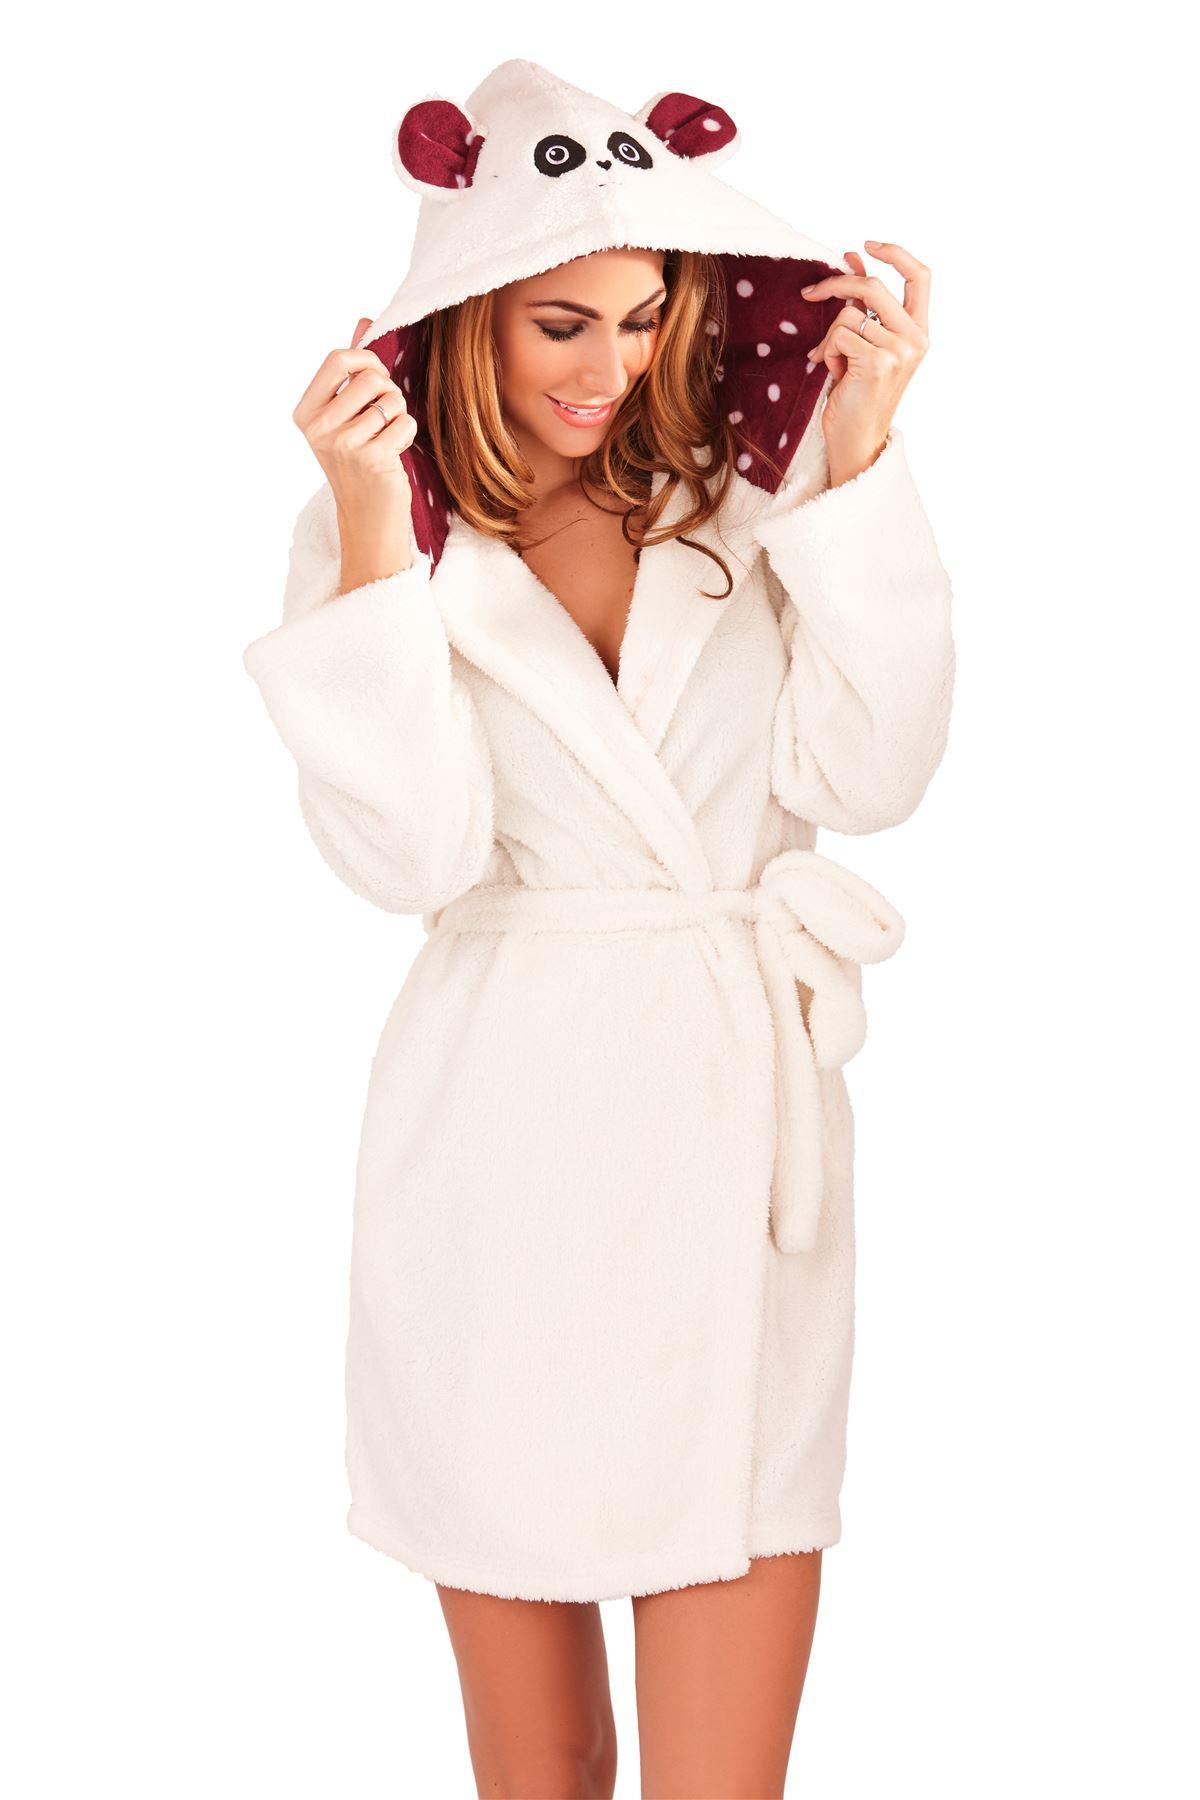 Femme sexy doux polaire pyjama robe de chambre peignoir - Robe de chambre femme polaire avec capuche ...